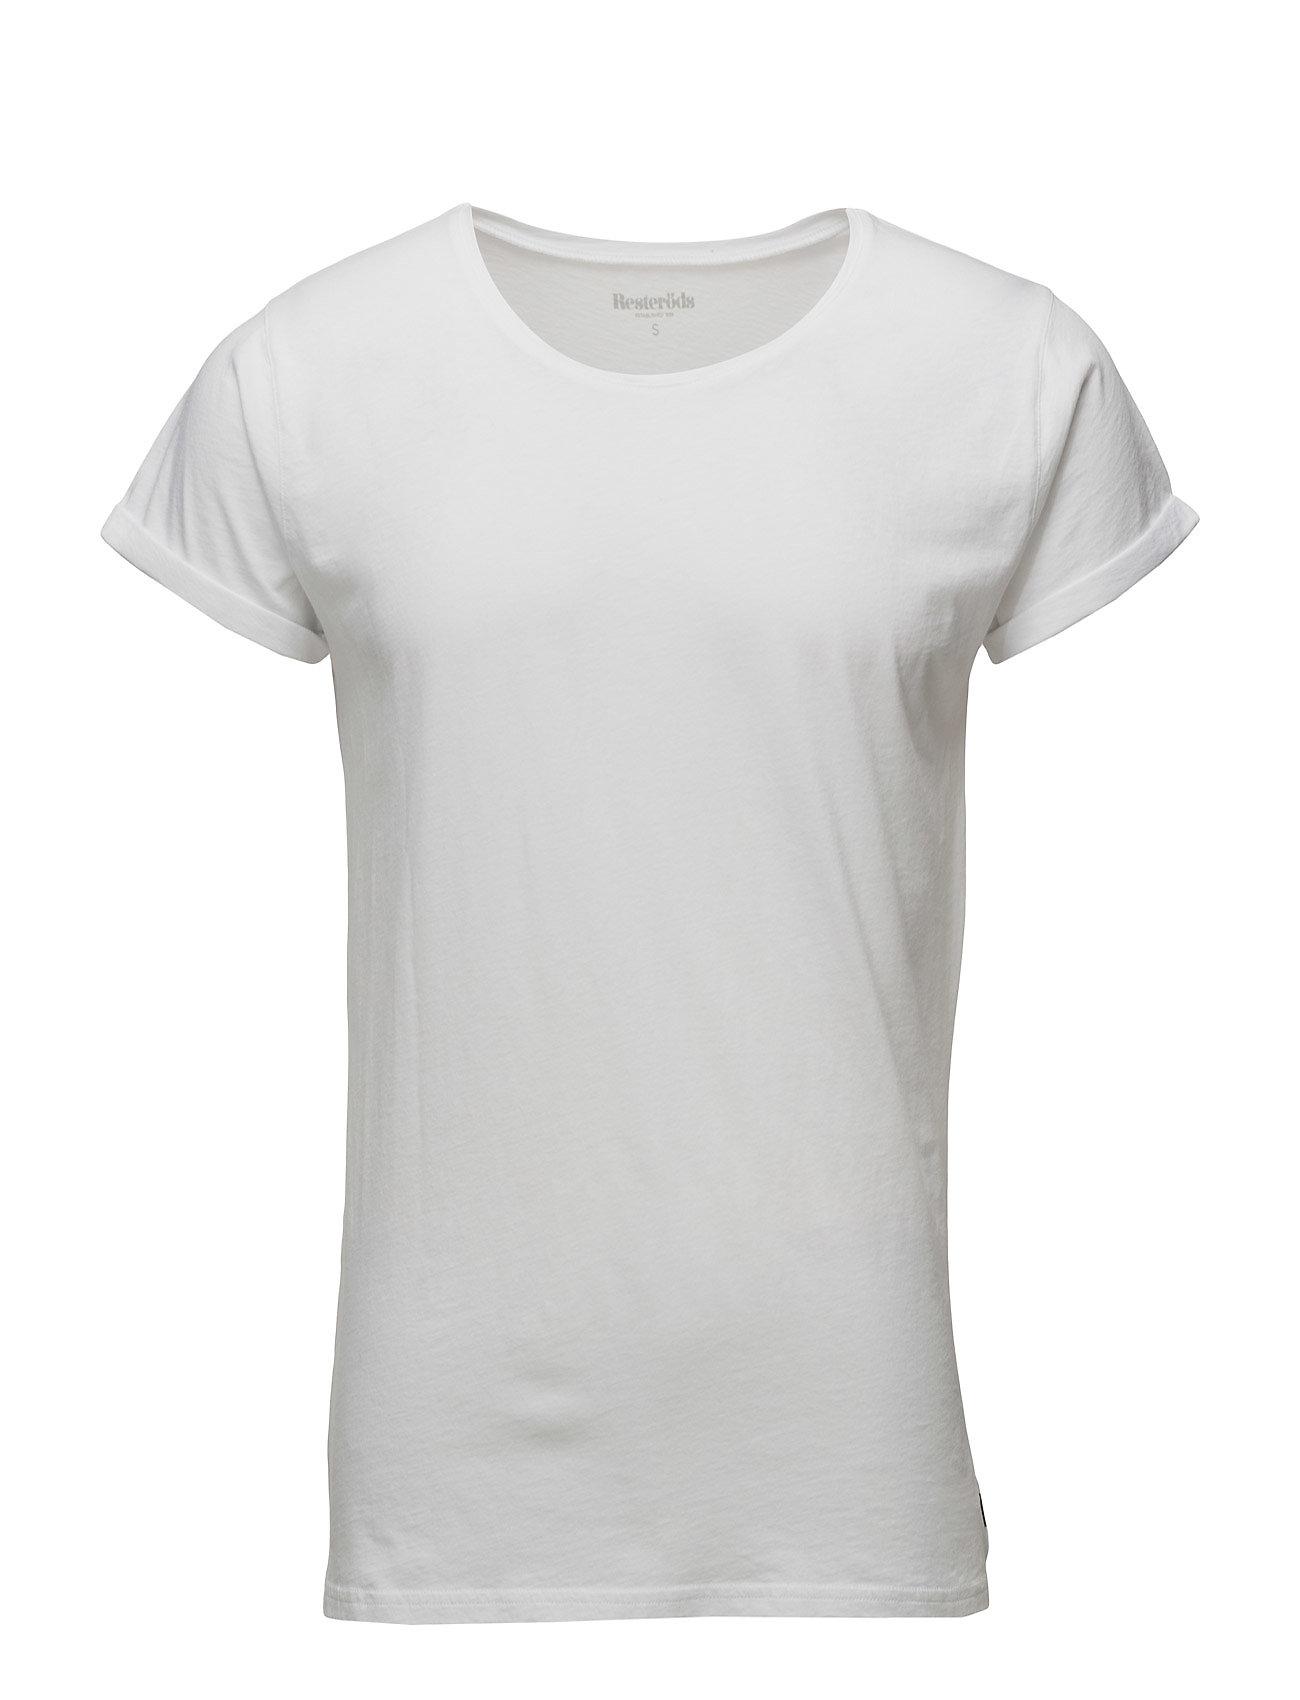 Image of Jimmy Solid T-shirt Hvid Resteröds (3061544231)